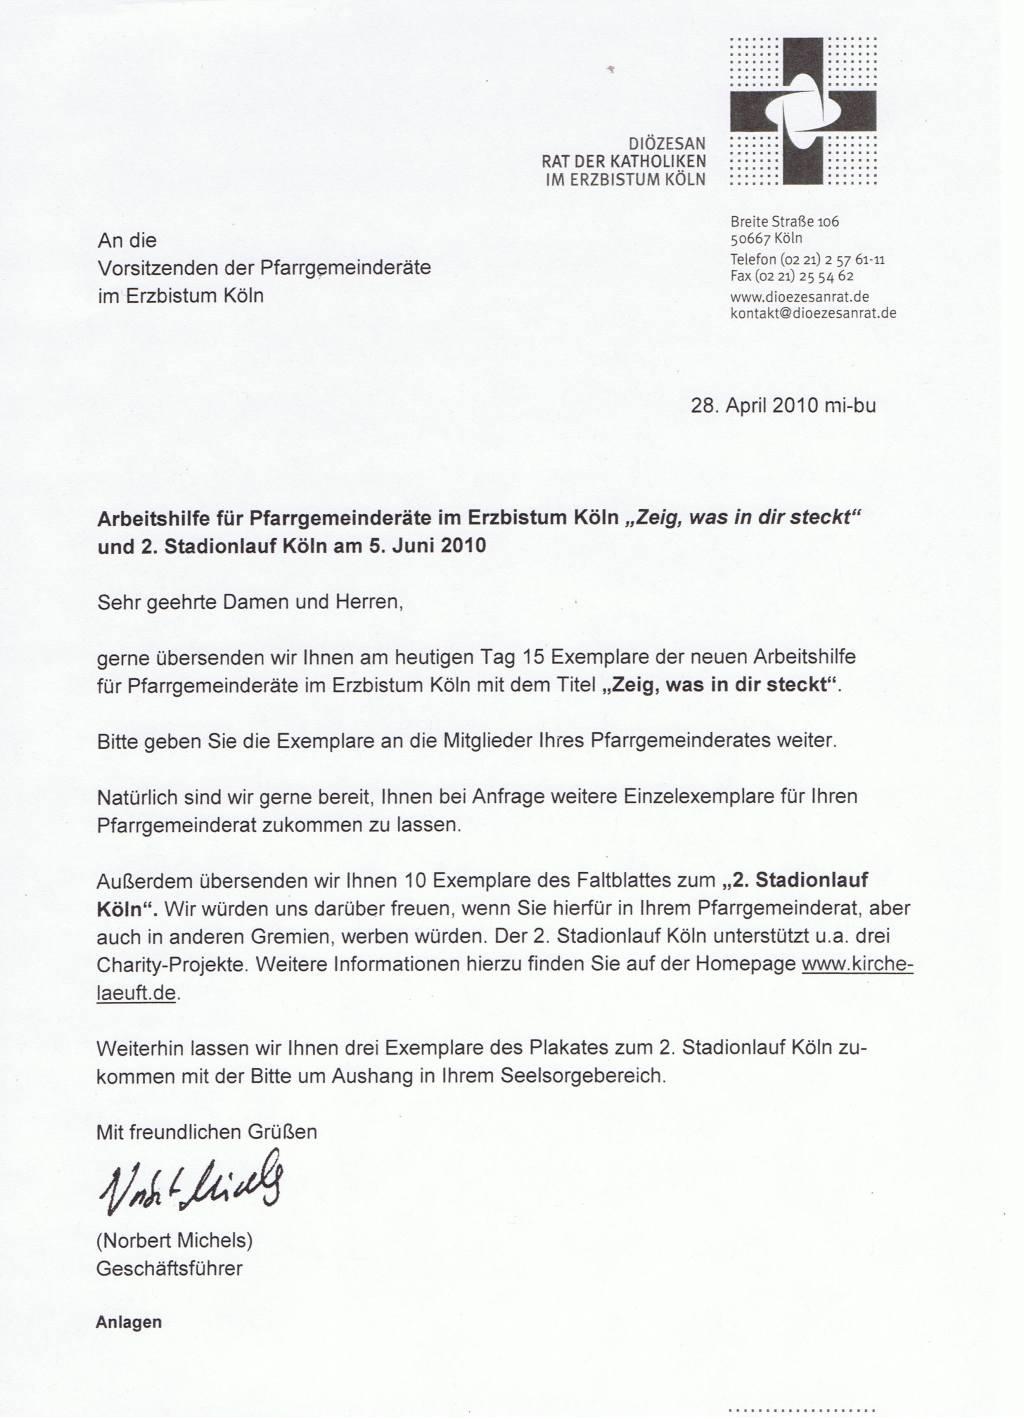 Brief Dioezesanrat Zeit-was-in-dir-steckt